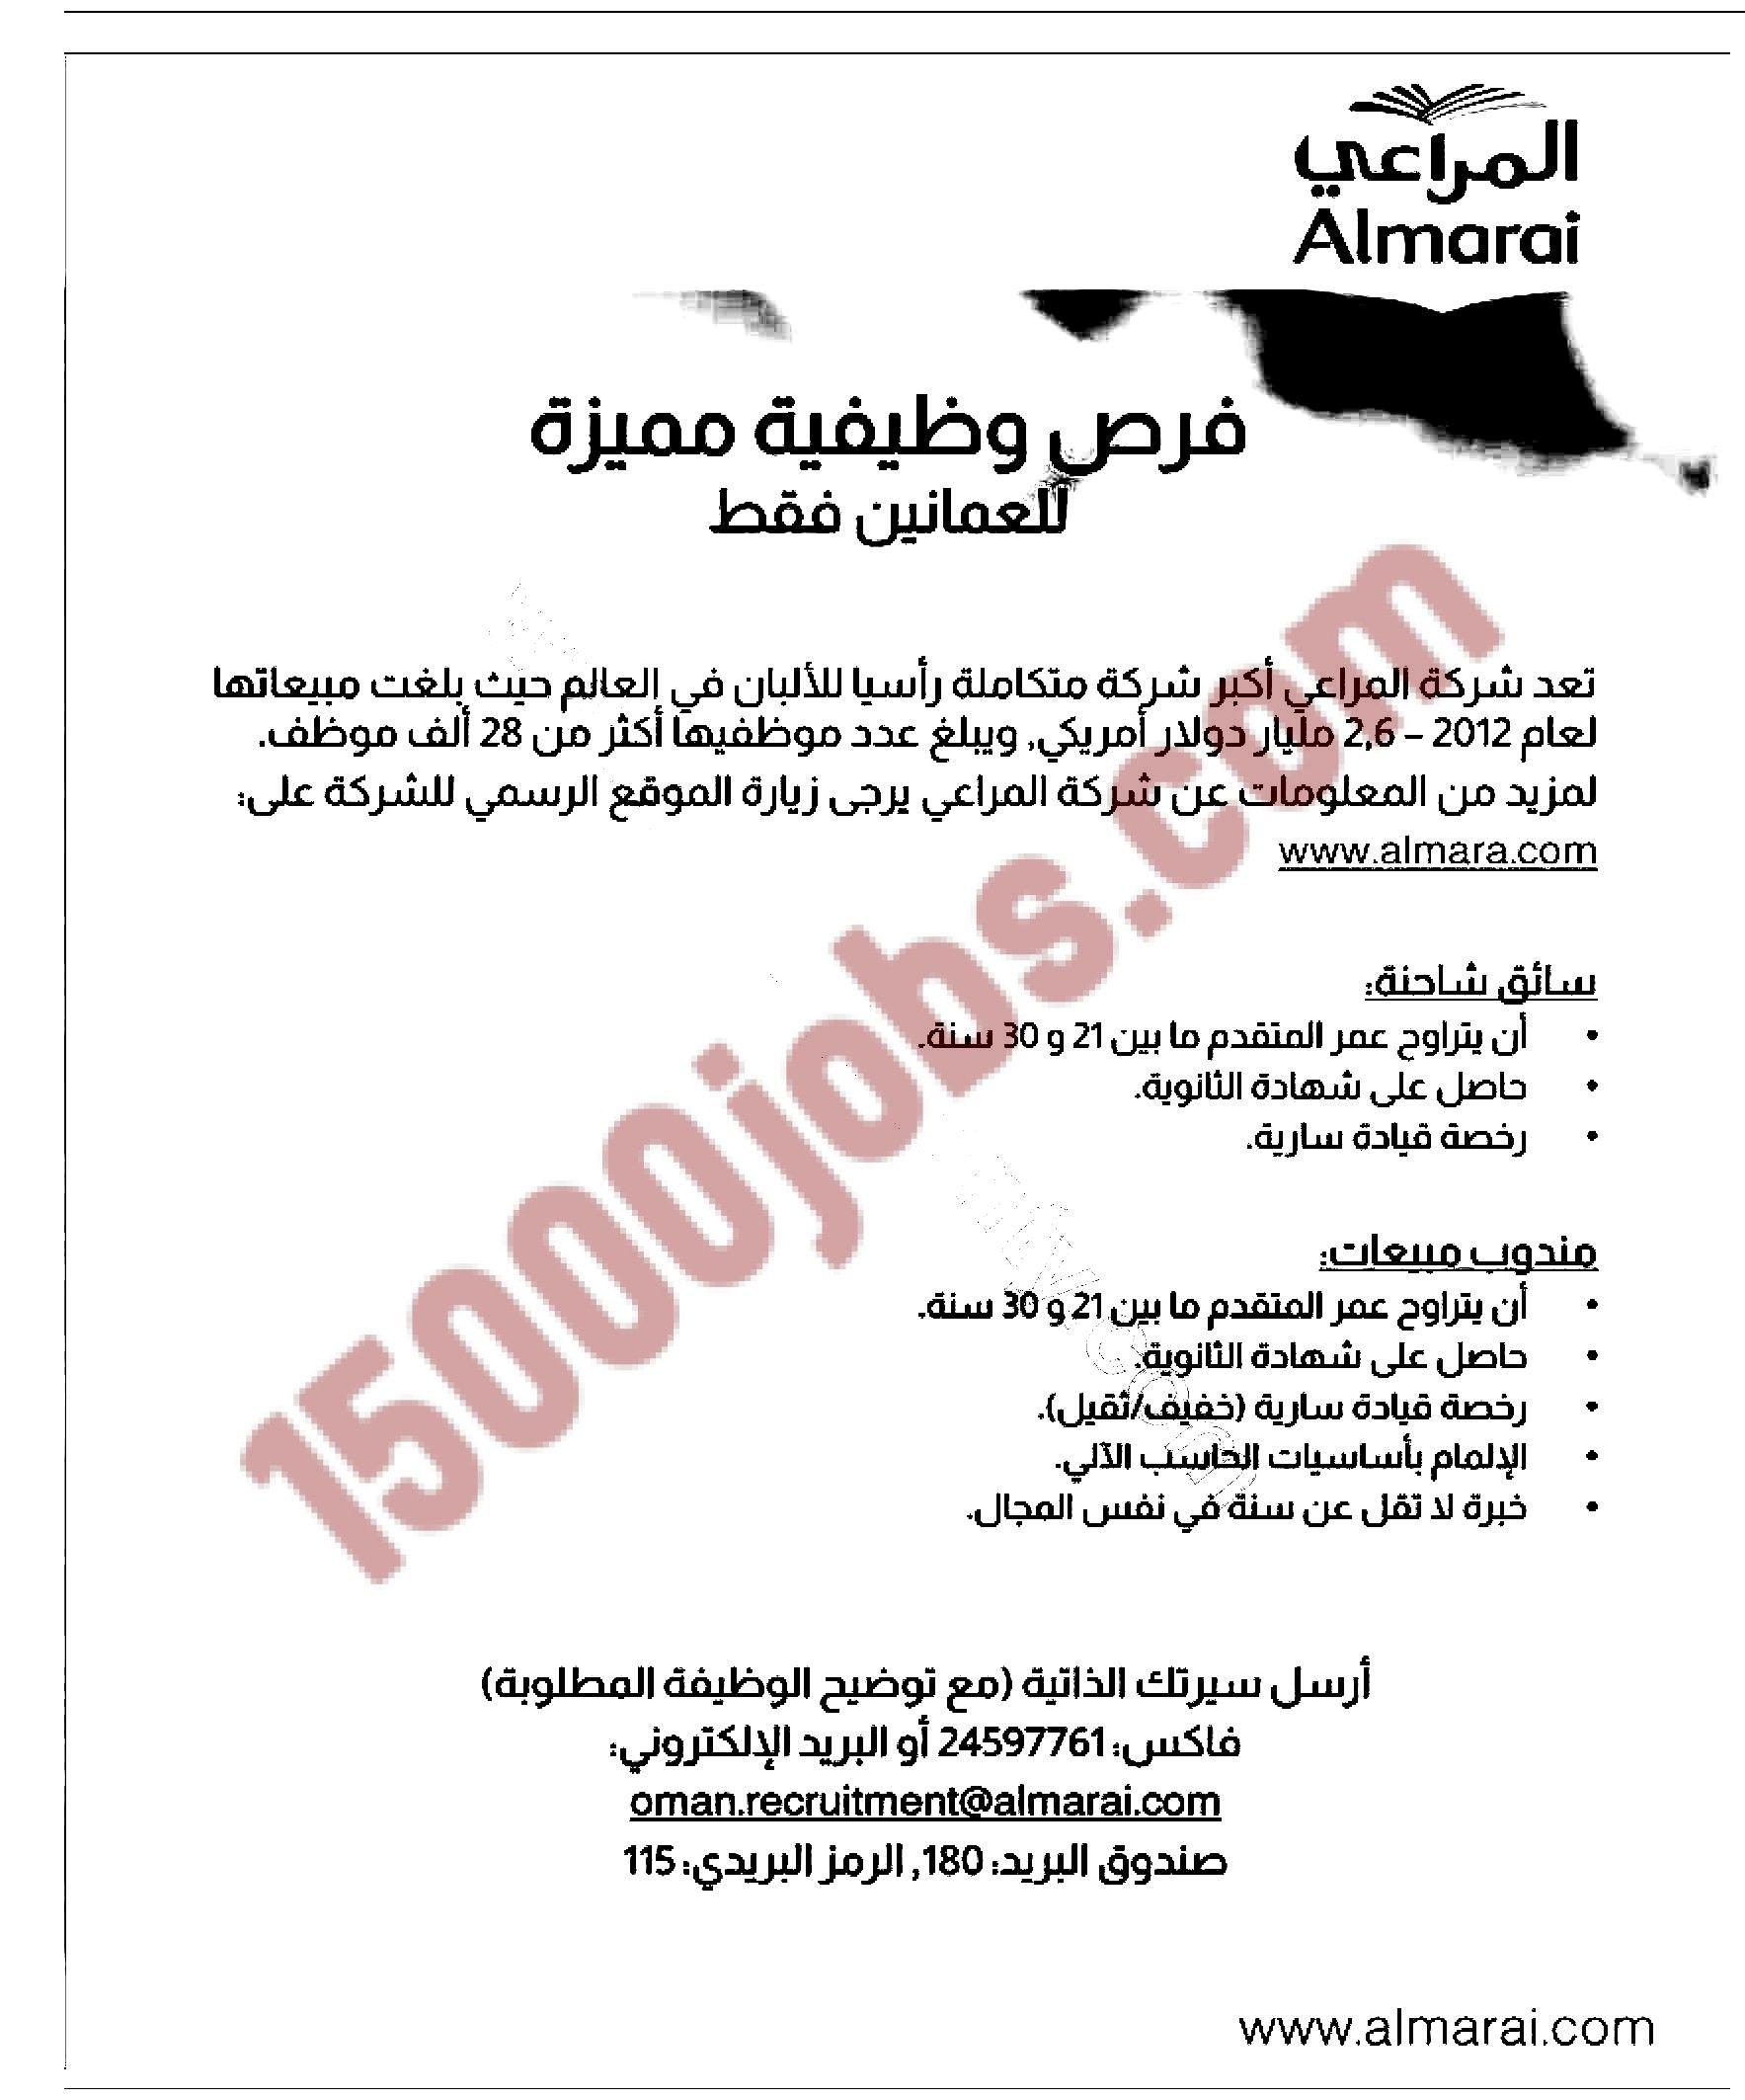 وظائف شركة المراعى العمانية للجادين فقط وظائف سلطنة عمان Oman Places To Visit Job